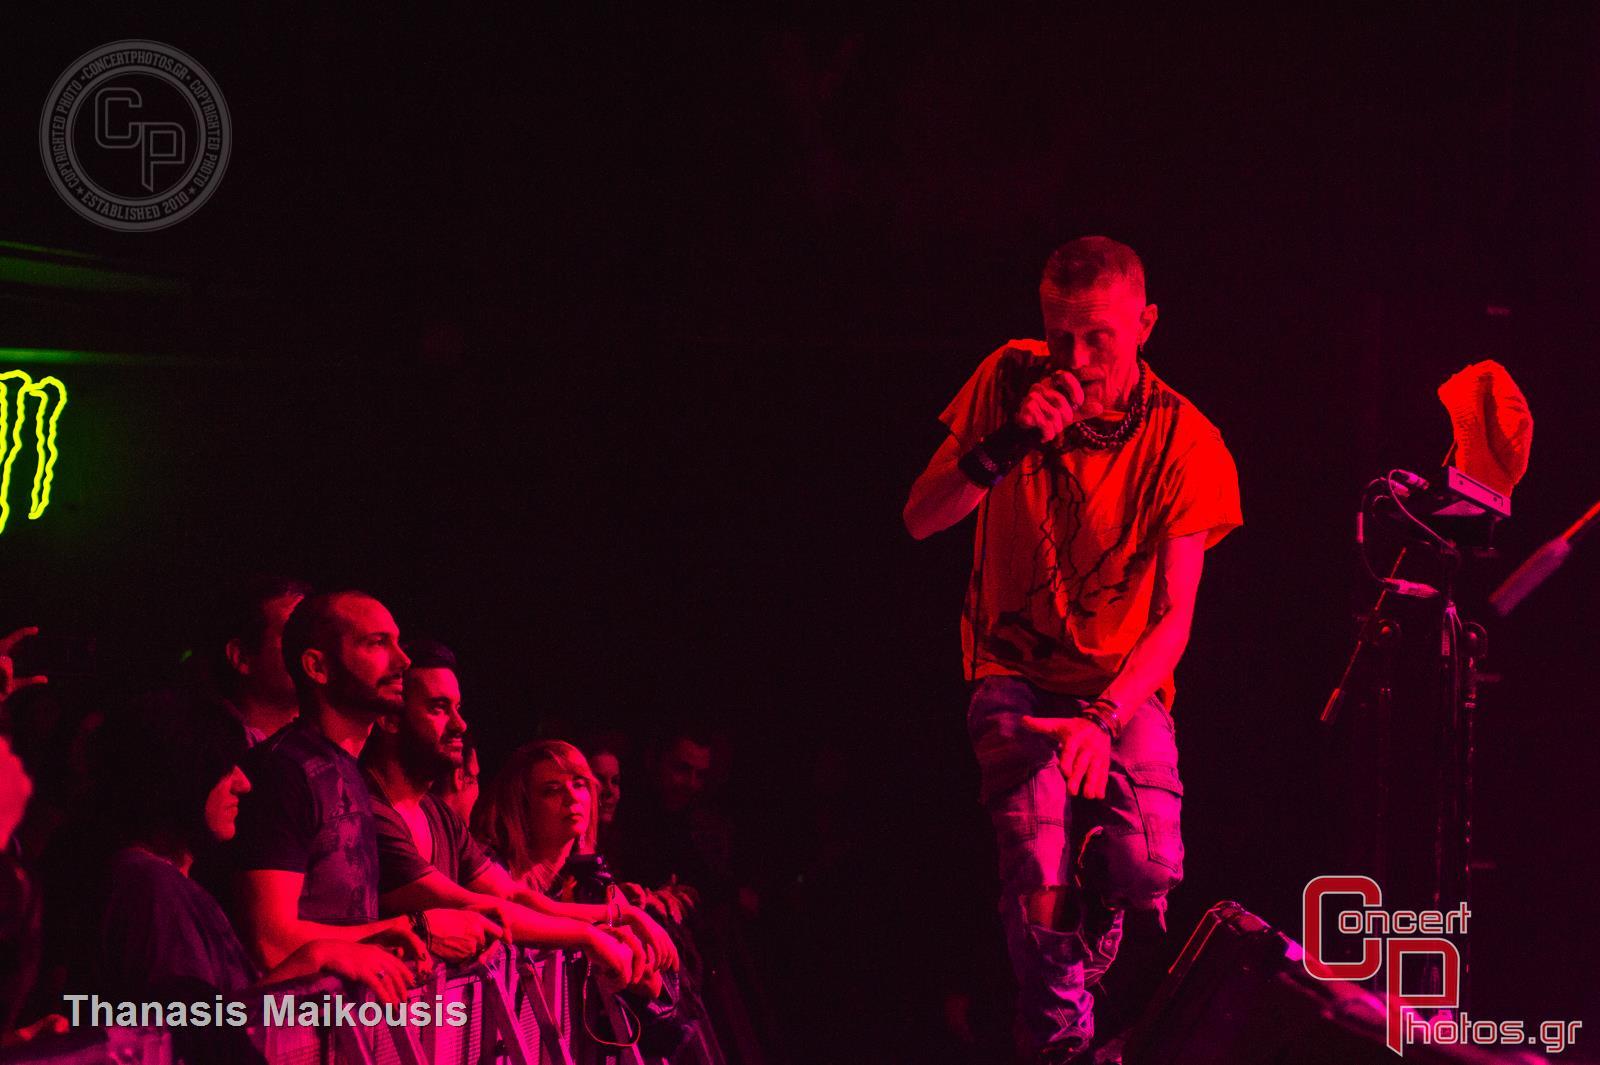 Stereo Mc's-Stereo Mcs photographer: Thanasis Maikousis - ConcertPhotos - 20141129_2332_02